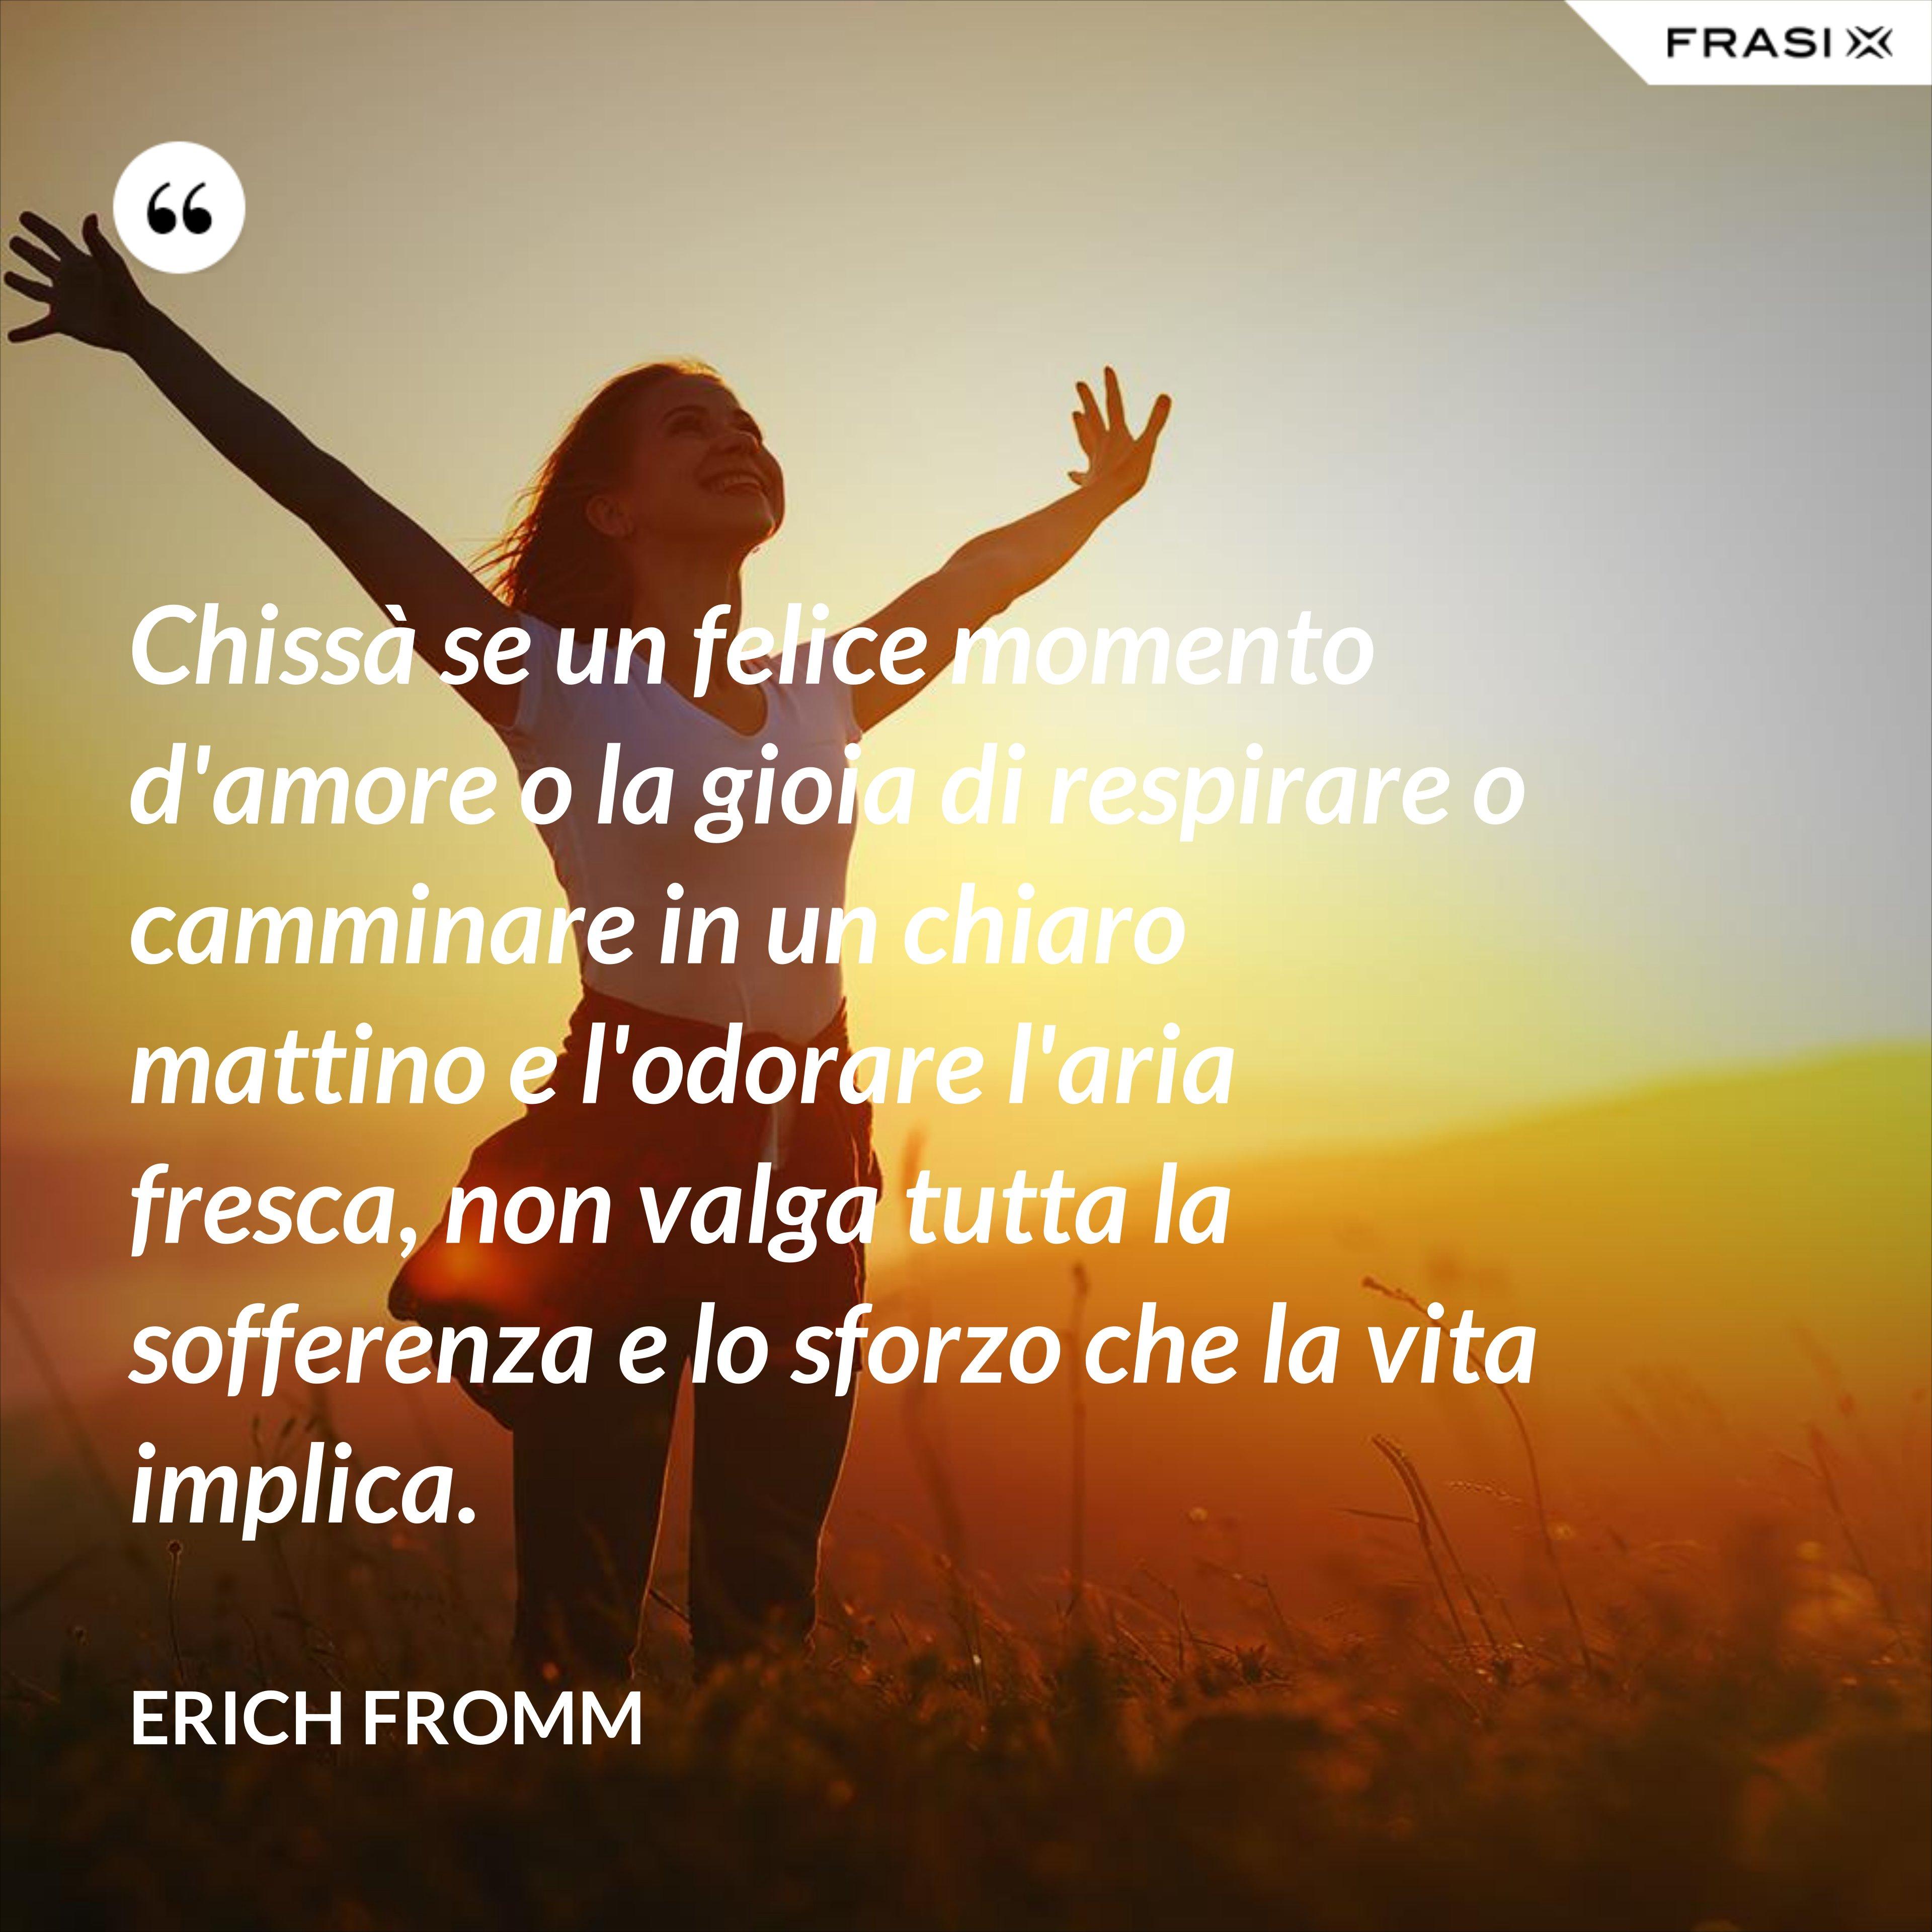 Chissà se un felice momento d'amore o la gioia di respirare o camminare in un chiaro mattino e l'odorare l'aria fresca, non valga tutta la sofferenza e lo sforzo che la vita implica. - Erich Fromm